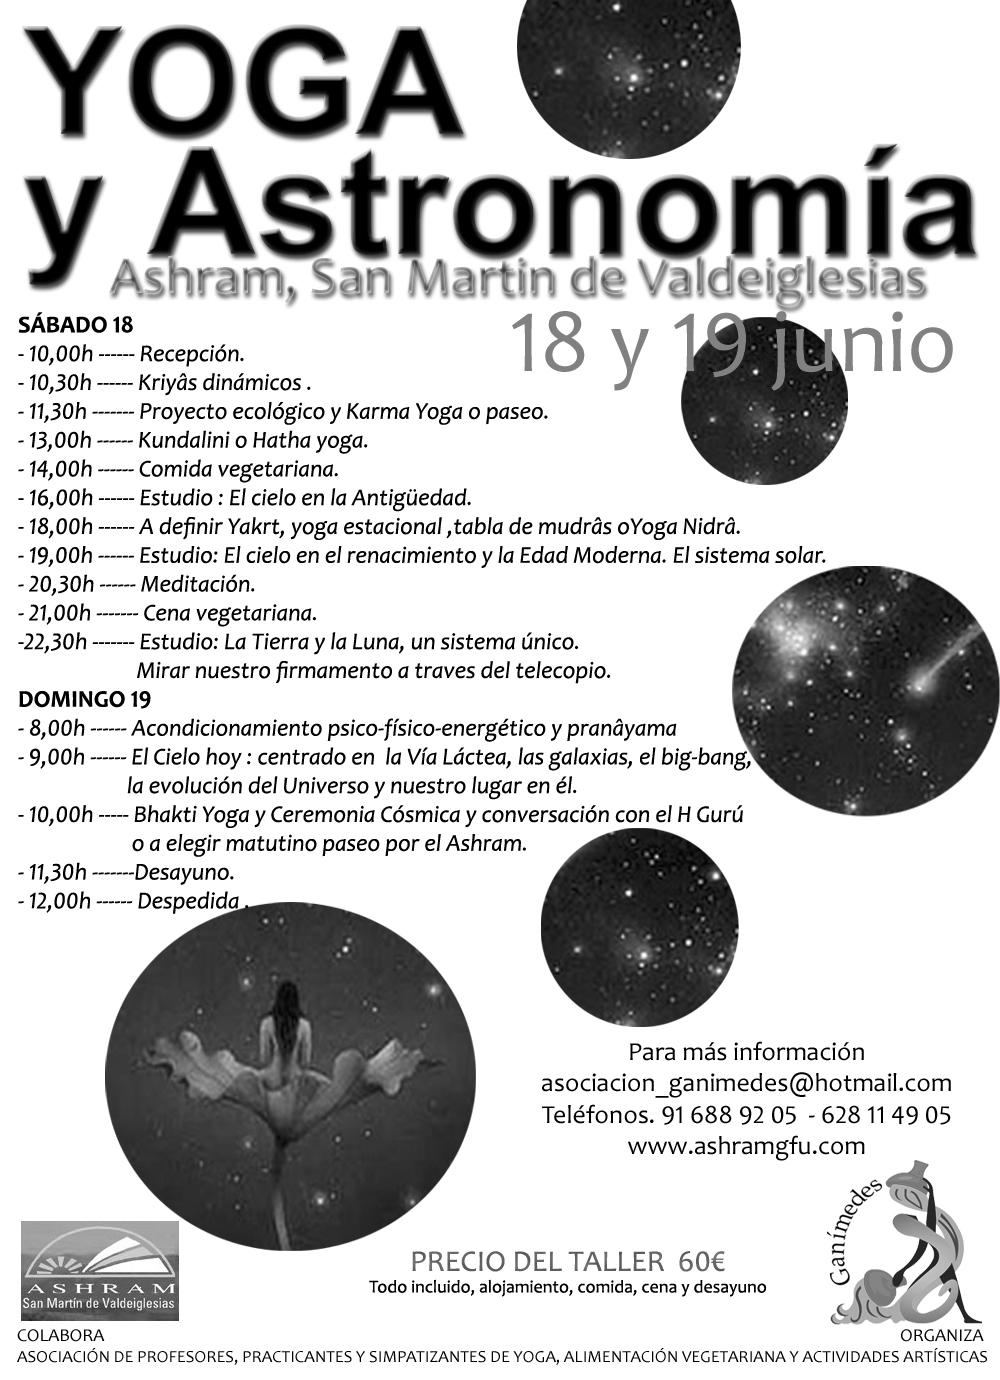 ... Asociación Internacional de Yoga Yoghismo Europa en España! ecca5794a437